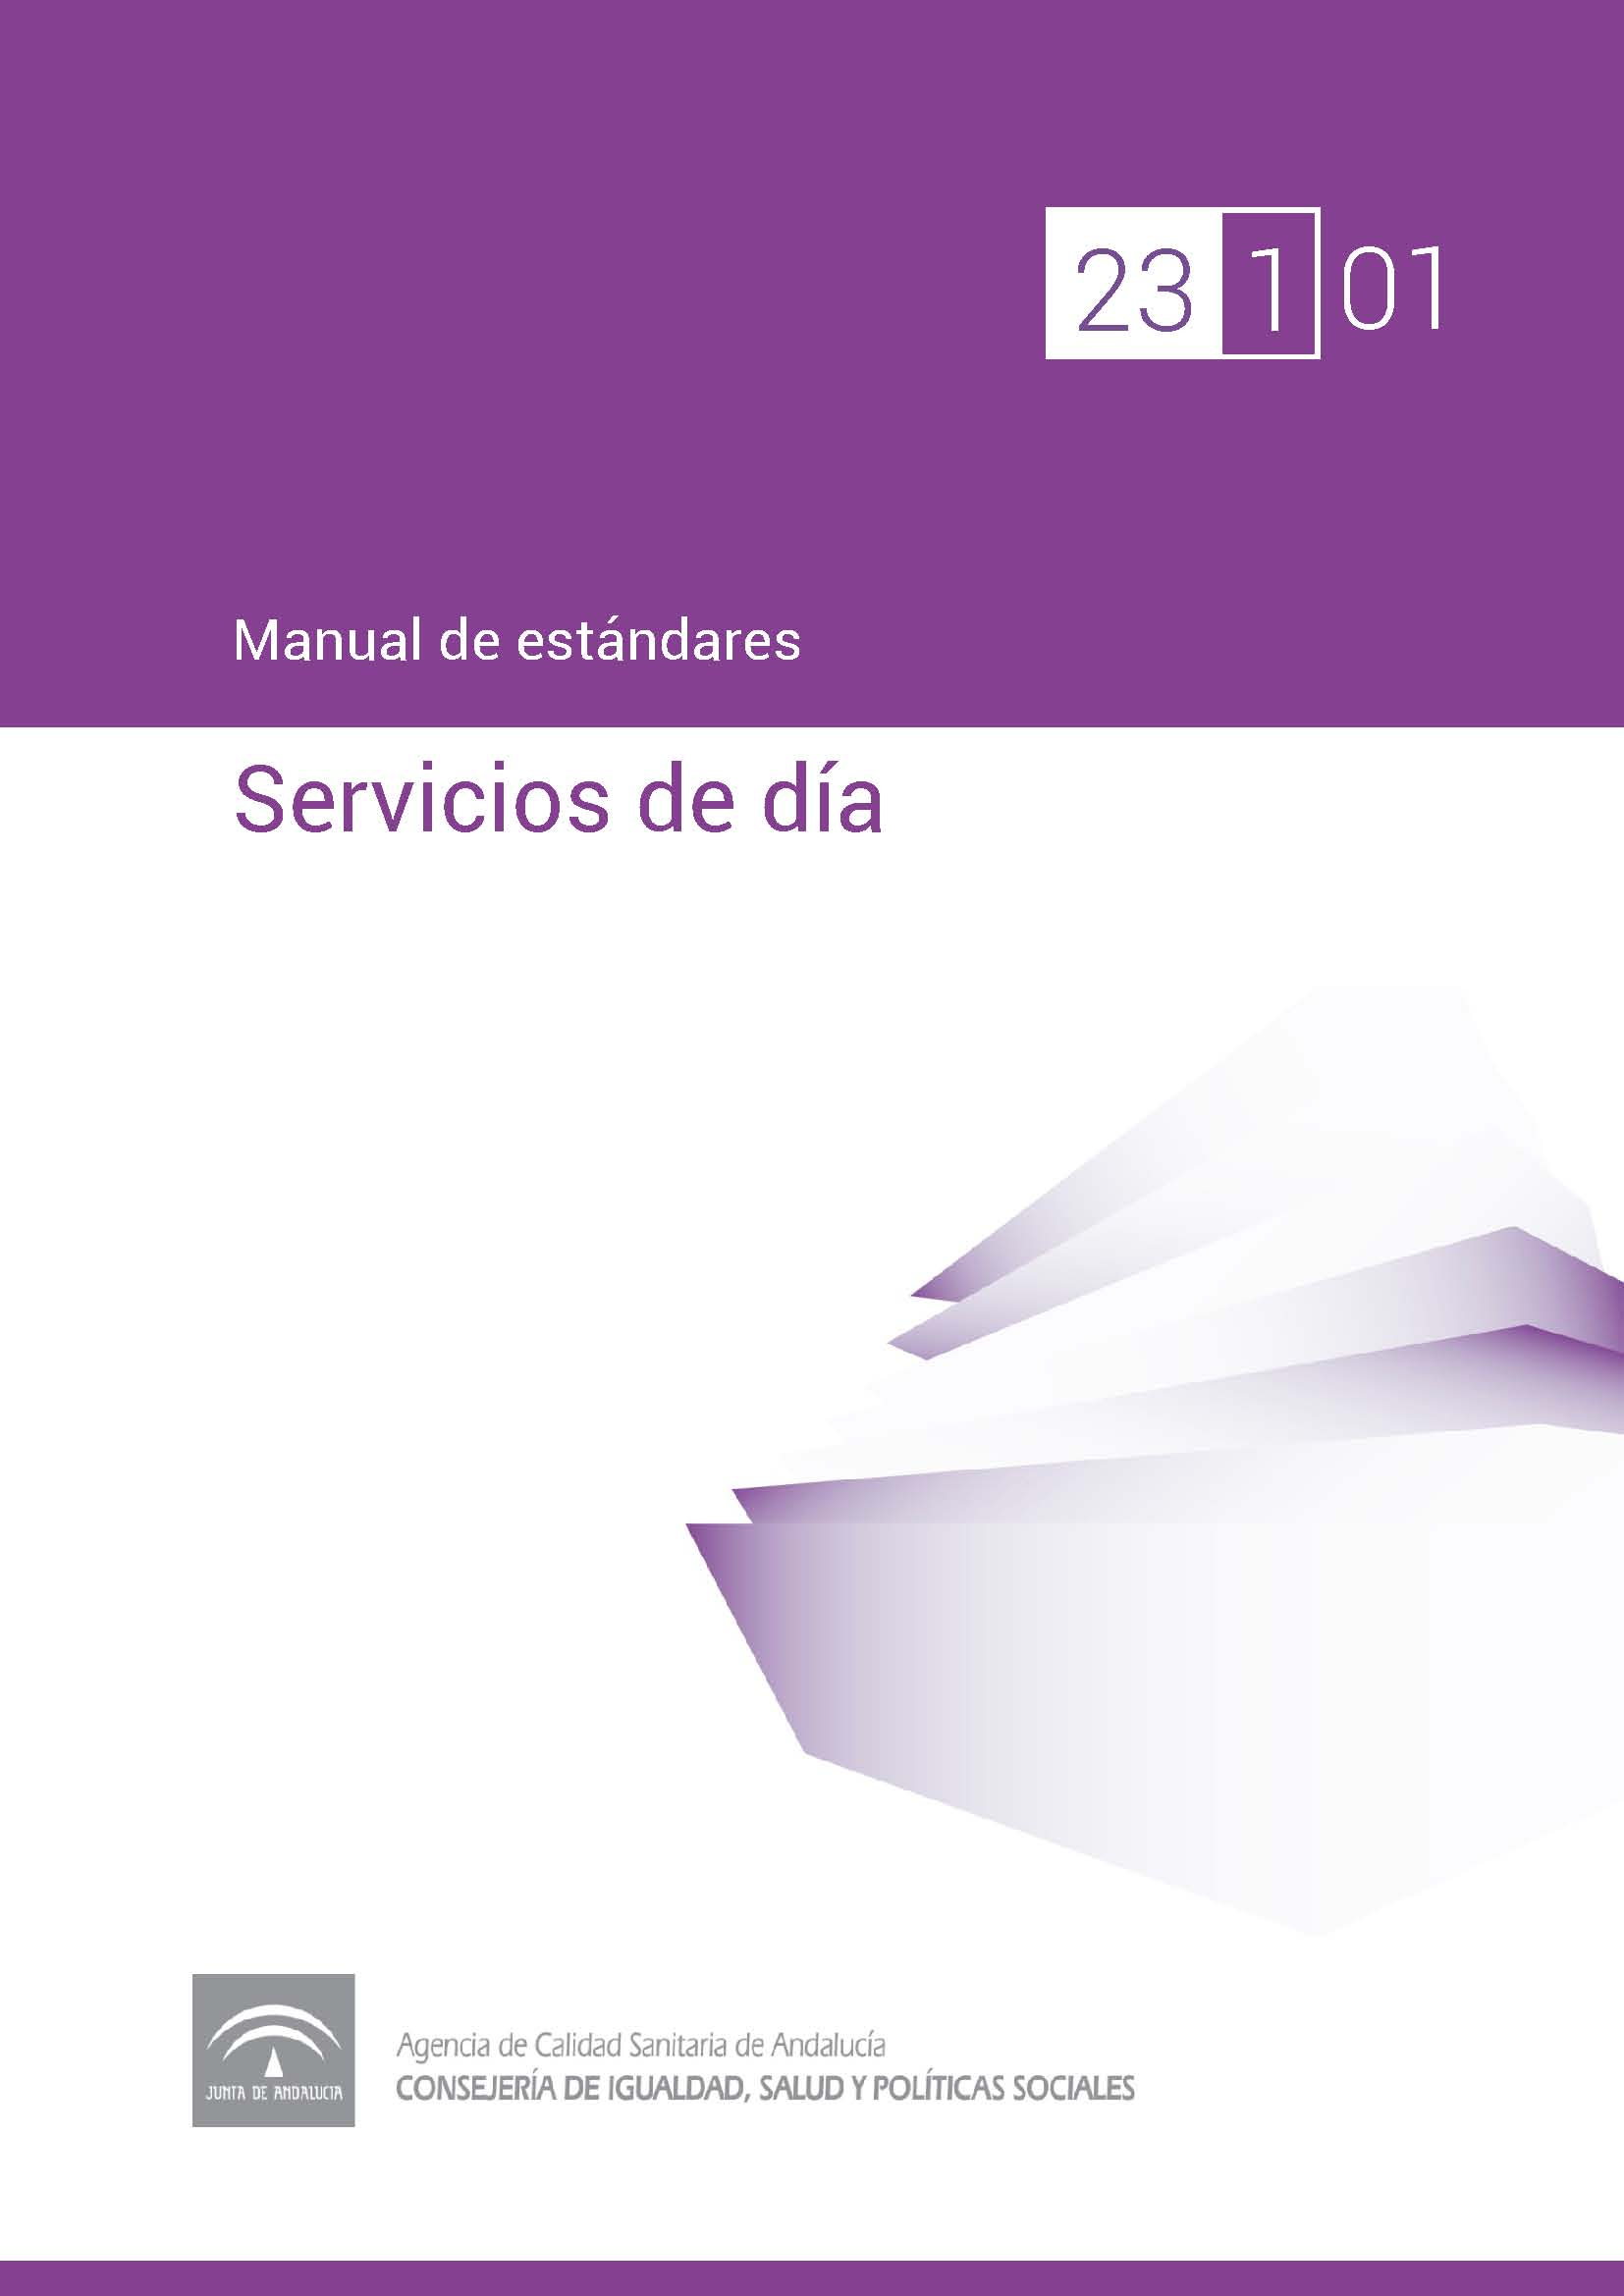 Programa de certificación de Servicios de día